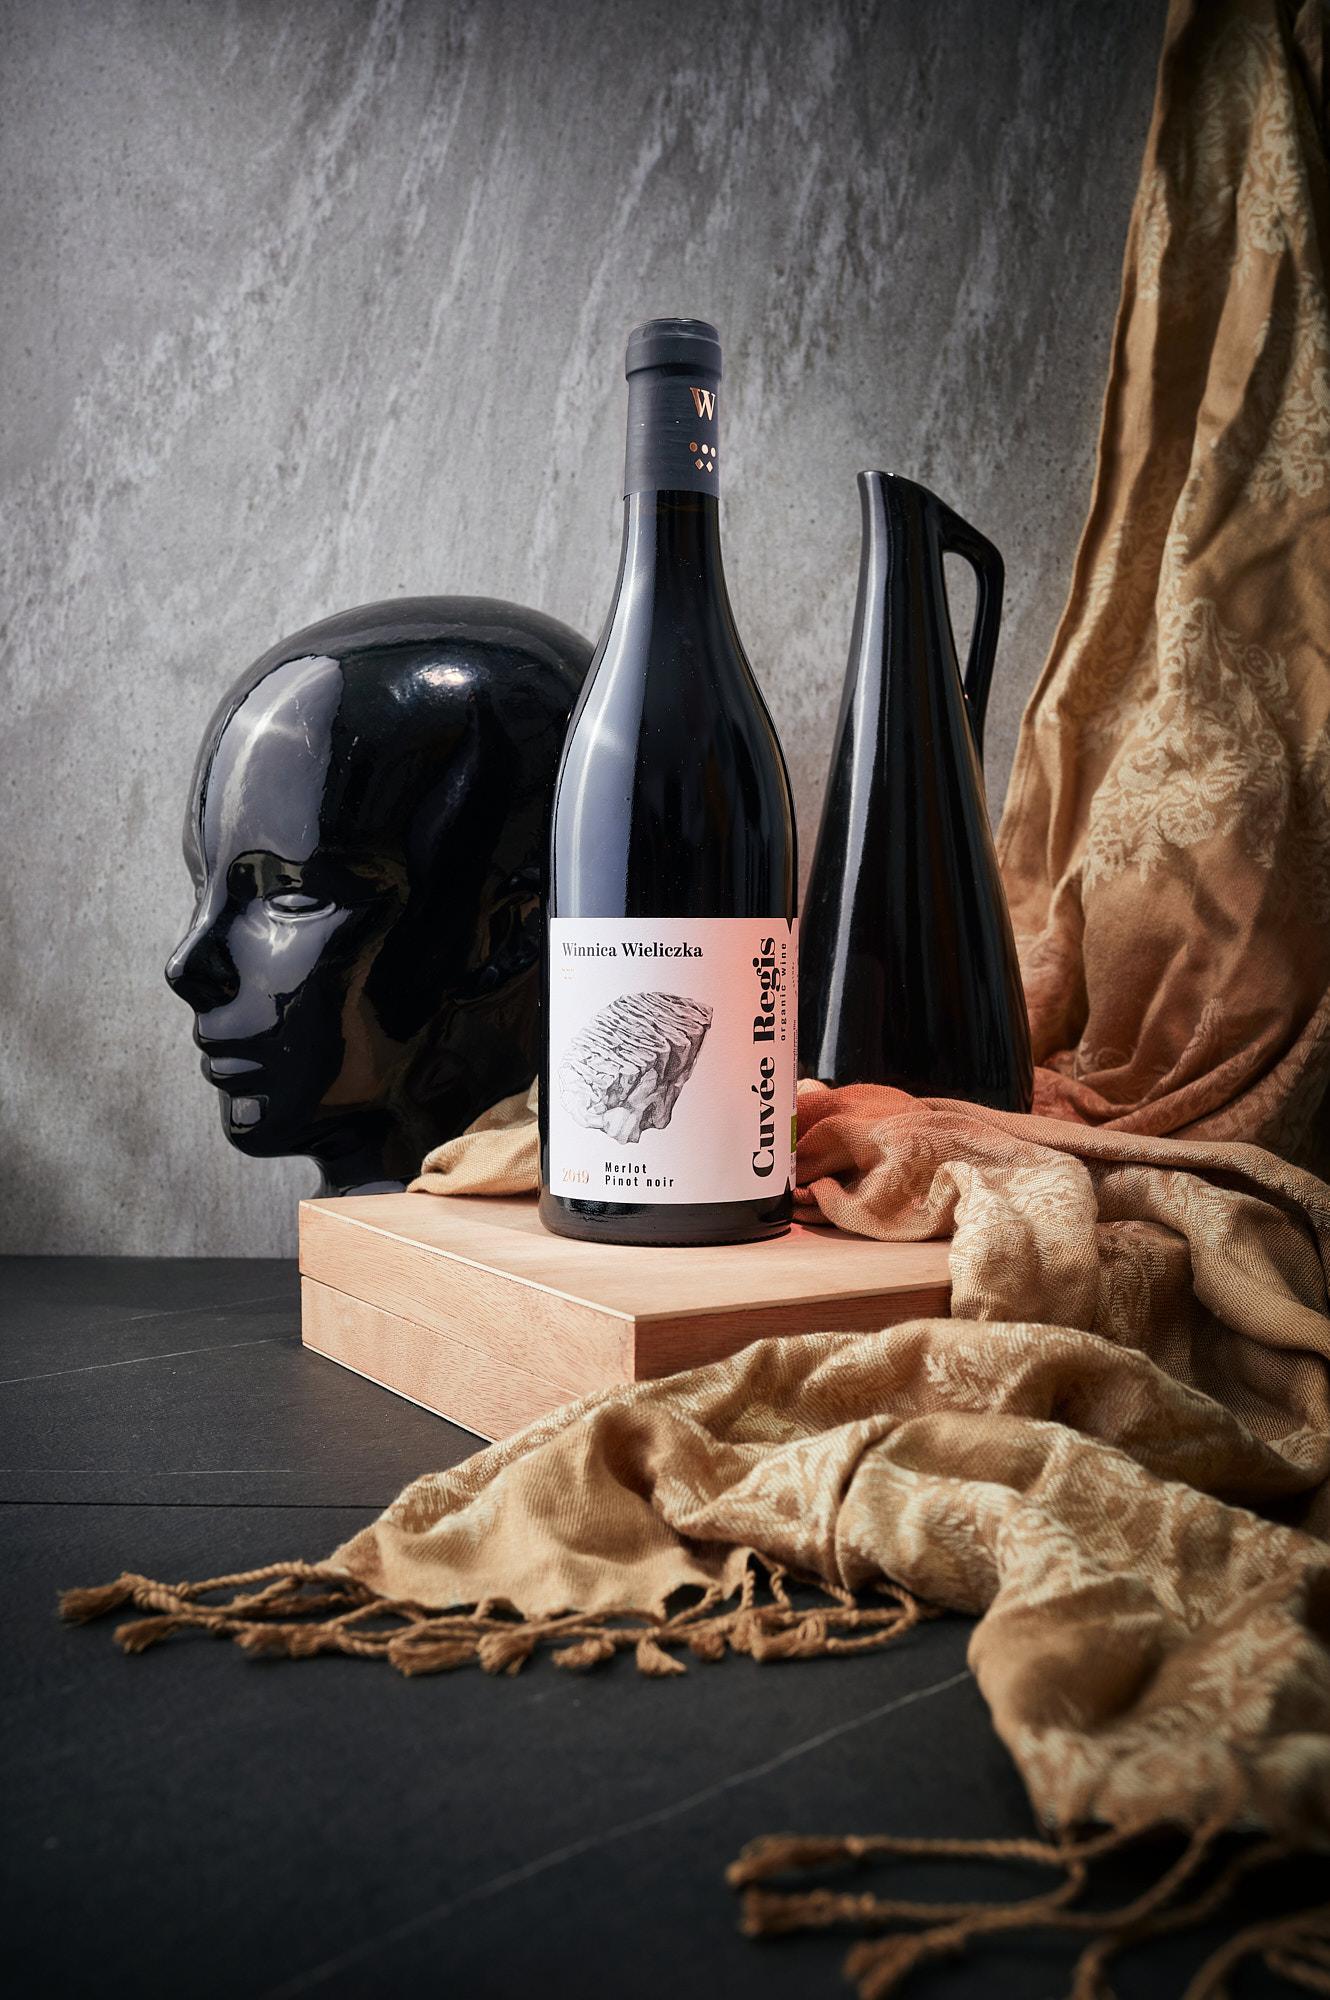 Fotografia reklamowa wina, przygotowana dla Winnicy Wieliczka.